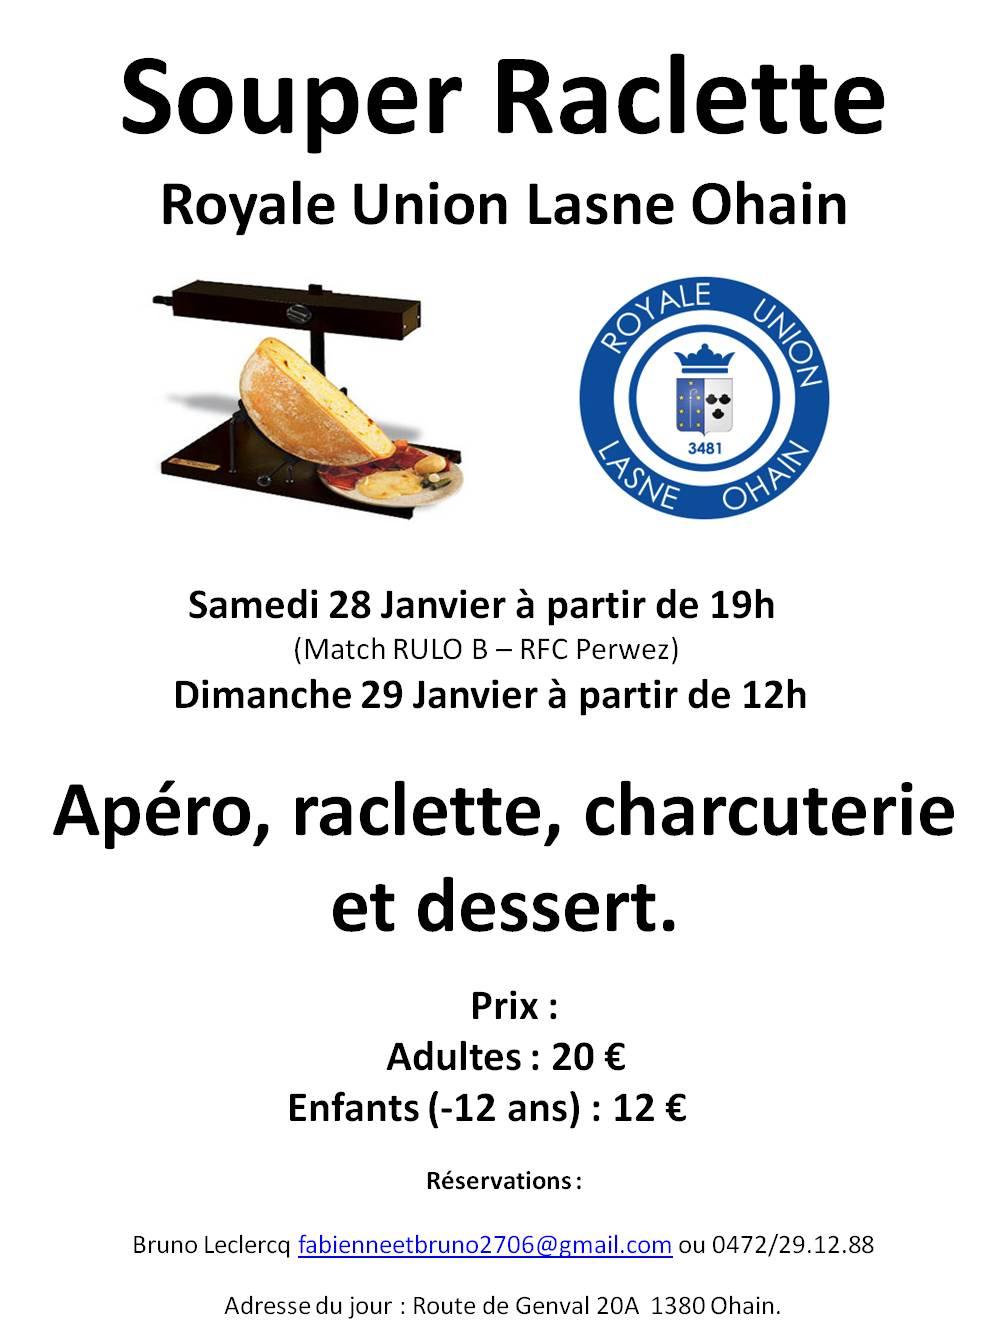 Affiche souper raclette RULO 2017